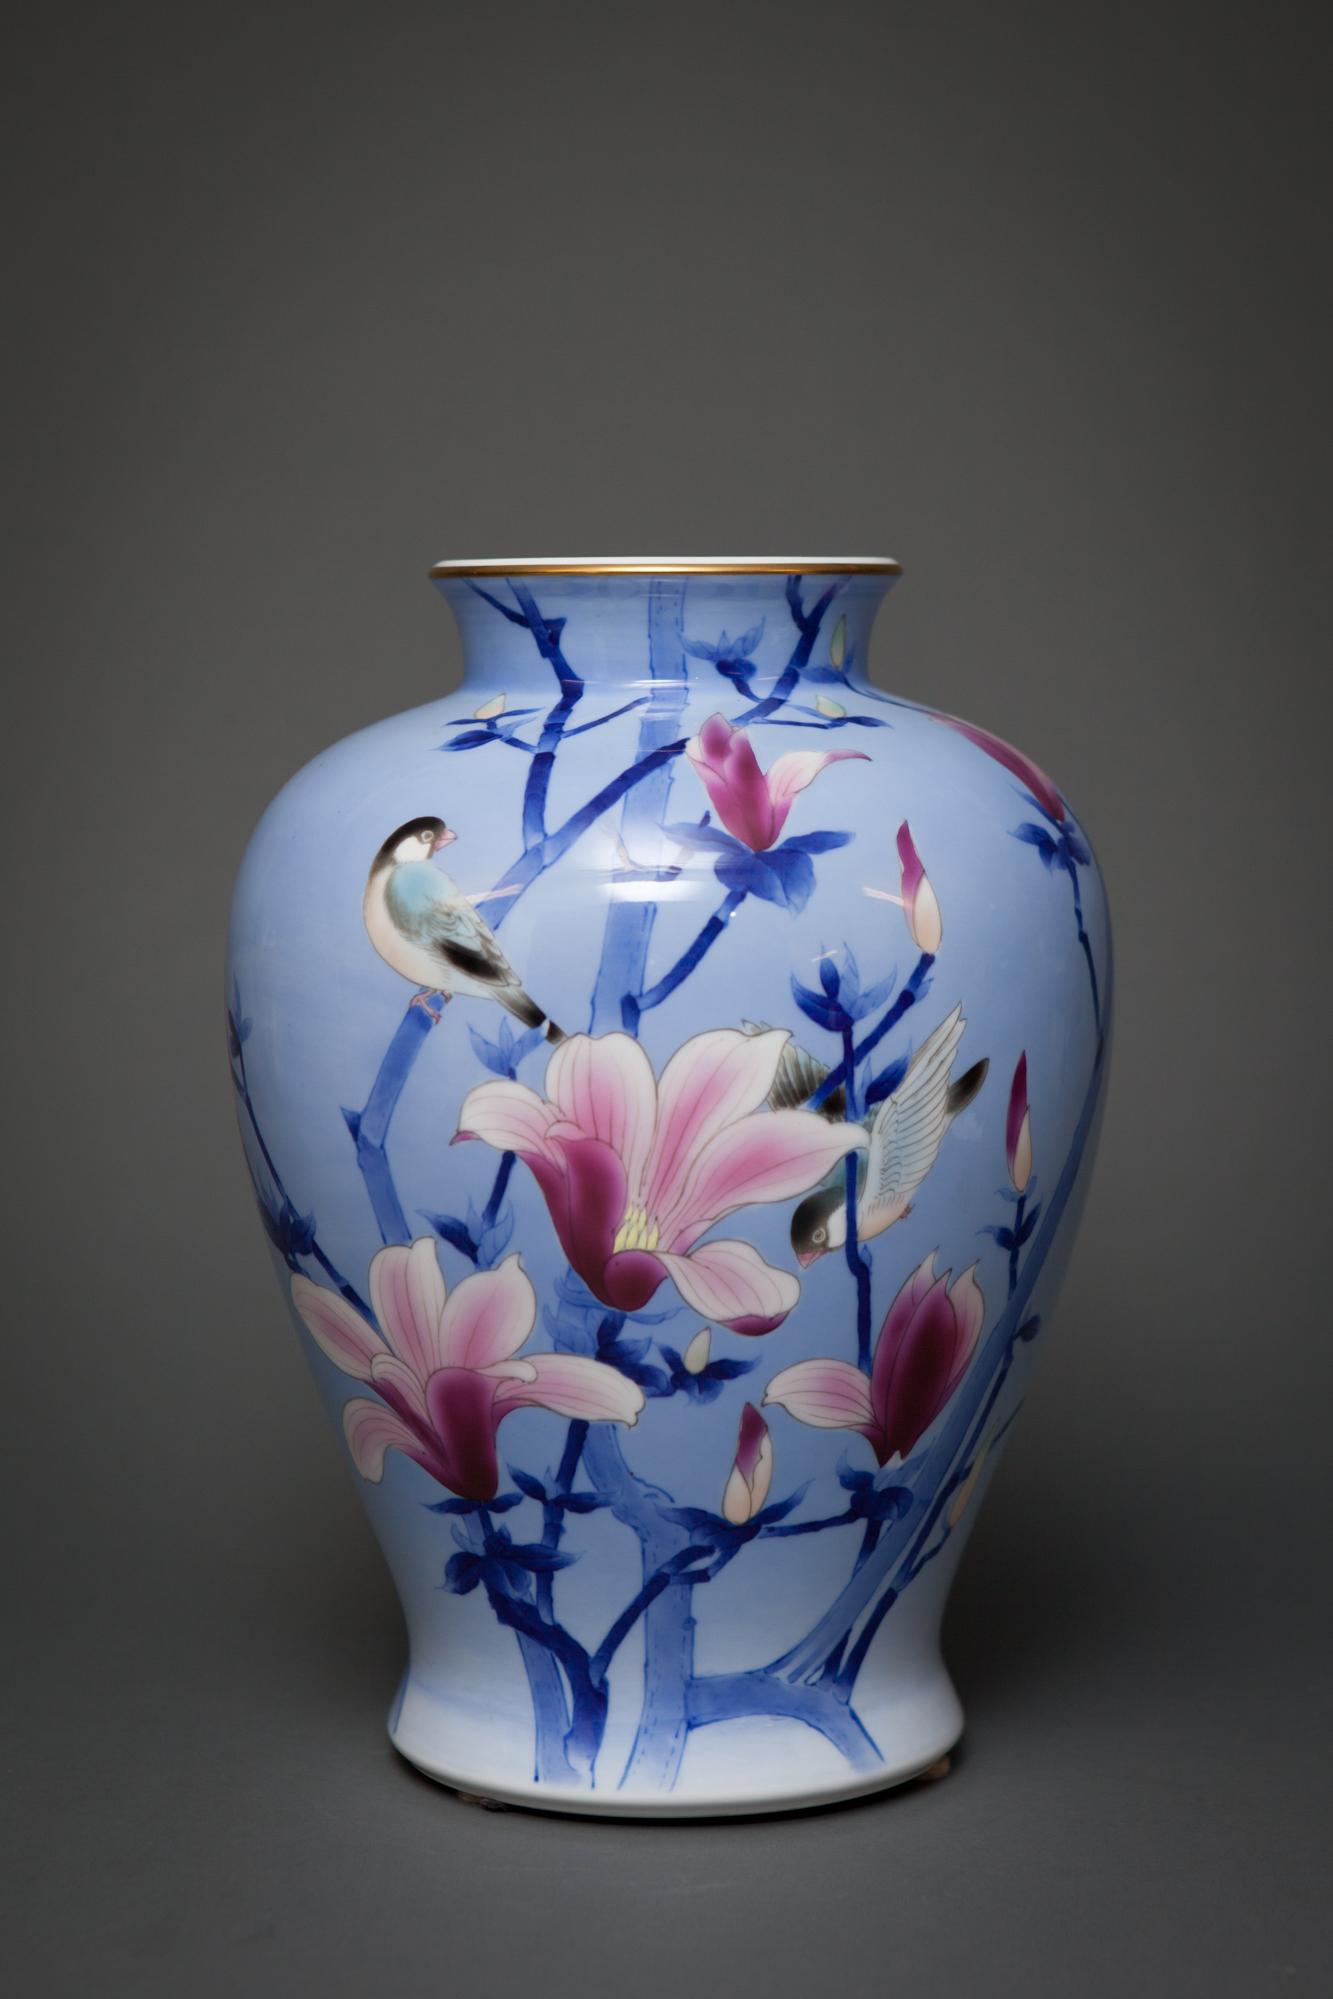 Japanese Studio Art Porcelain Vase